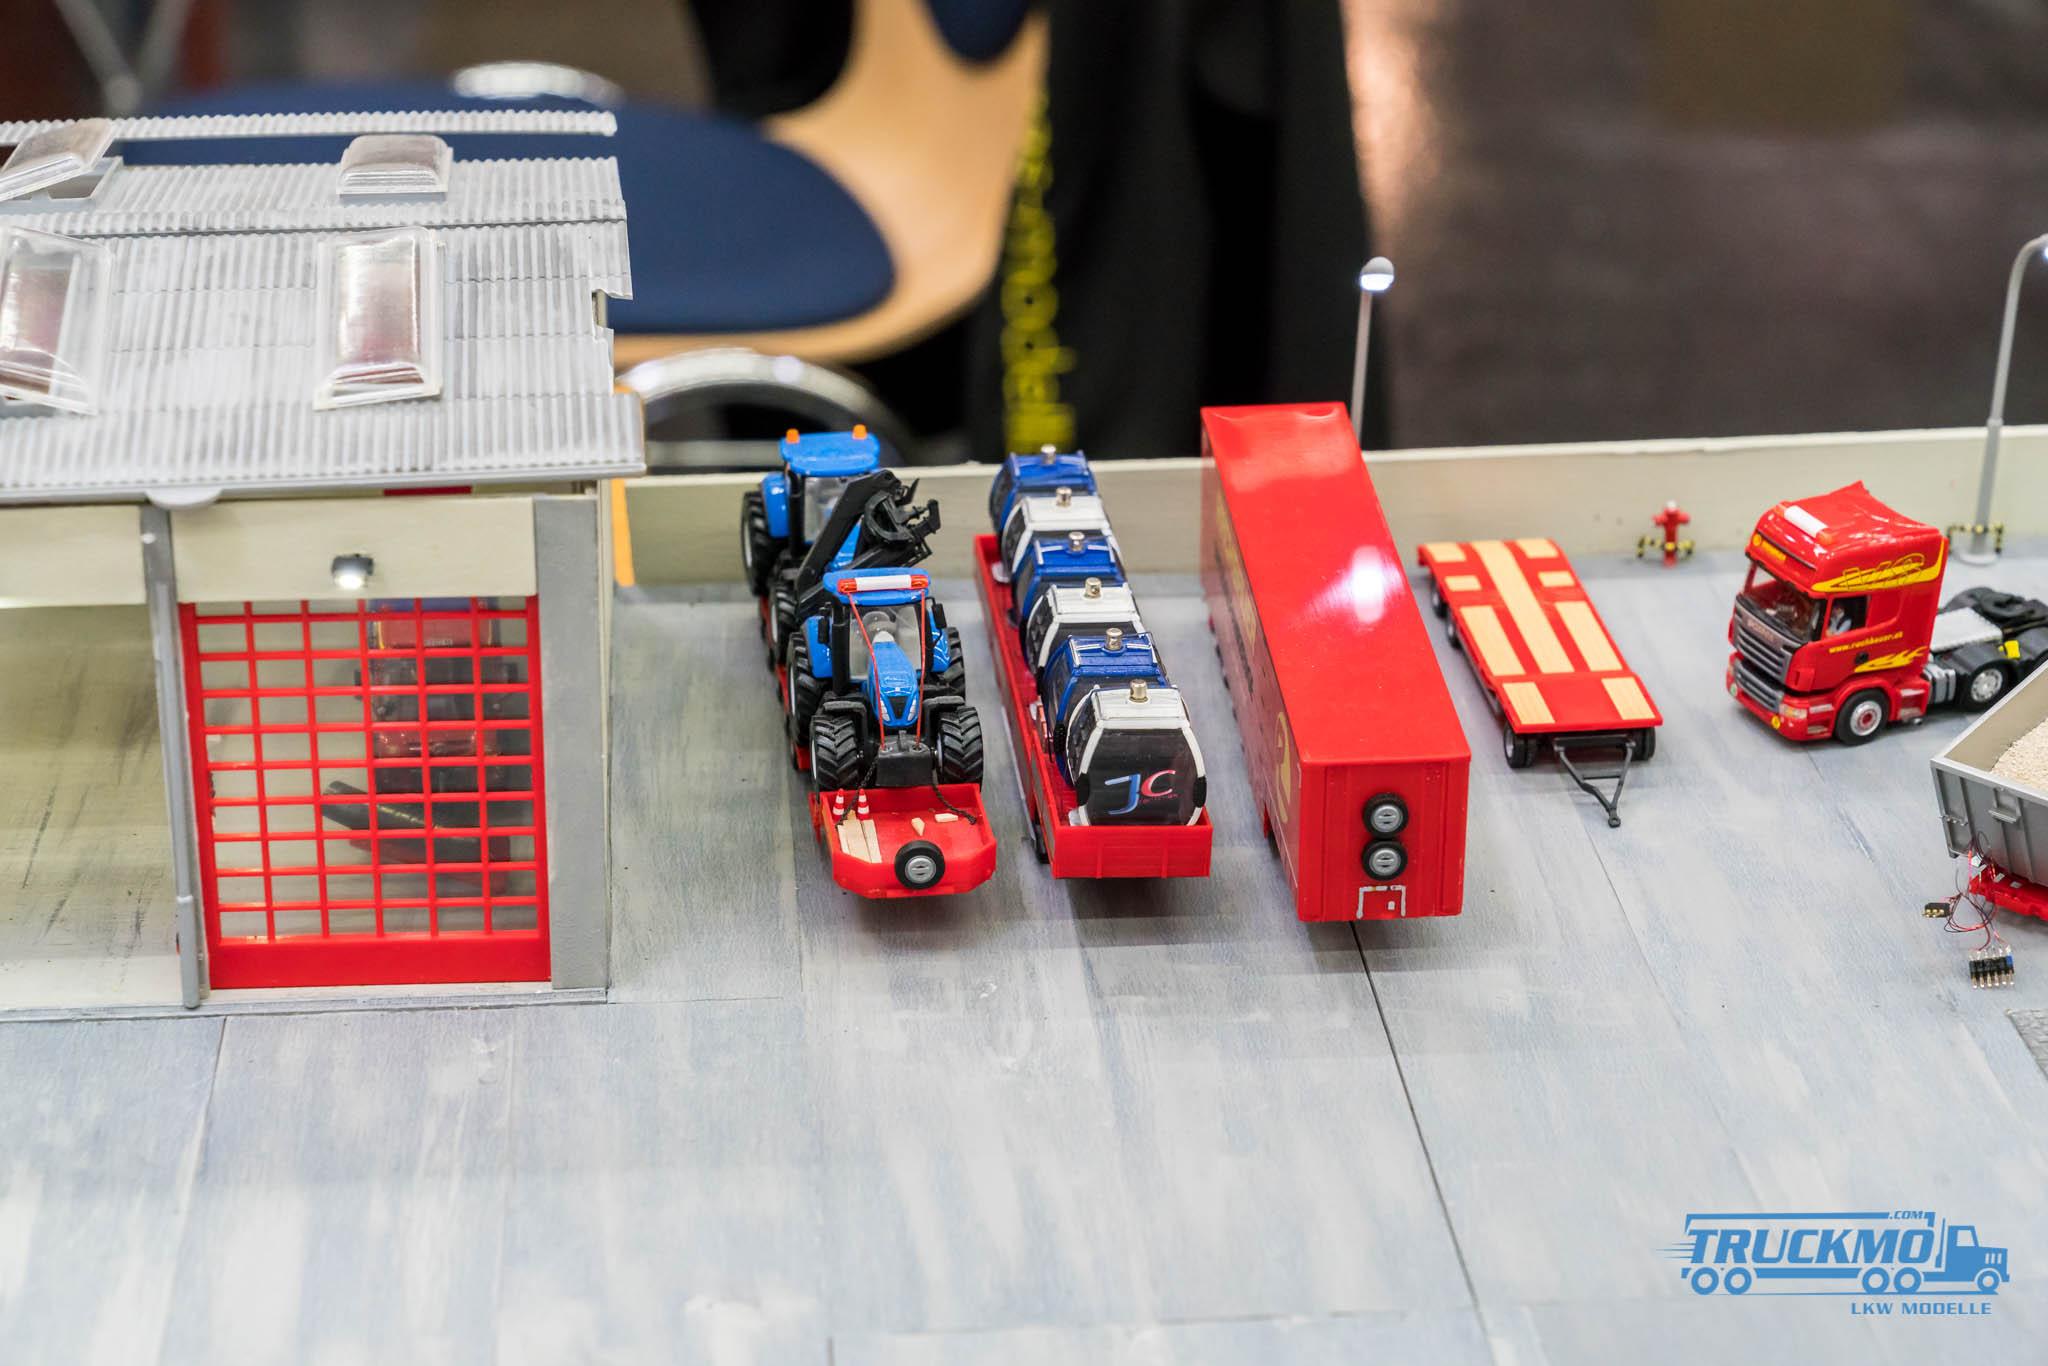 Truckmo_Modellbau_Ried_2017_Herpa_Messe_Modellbauausstellung (242 von 1177)